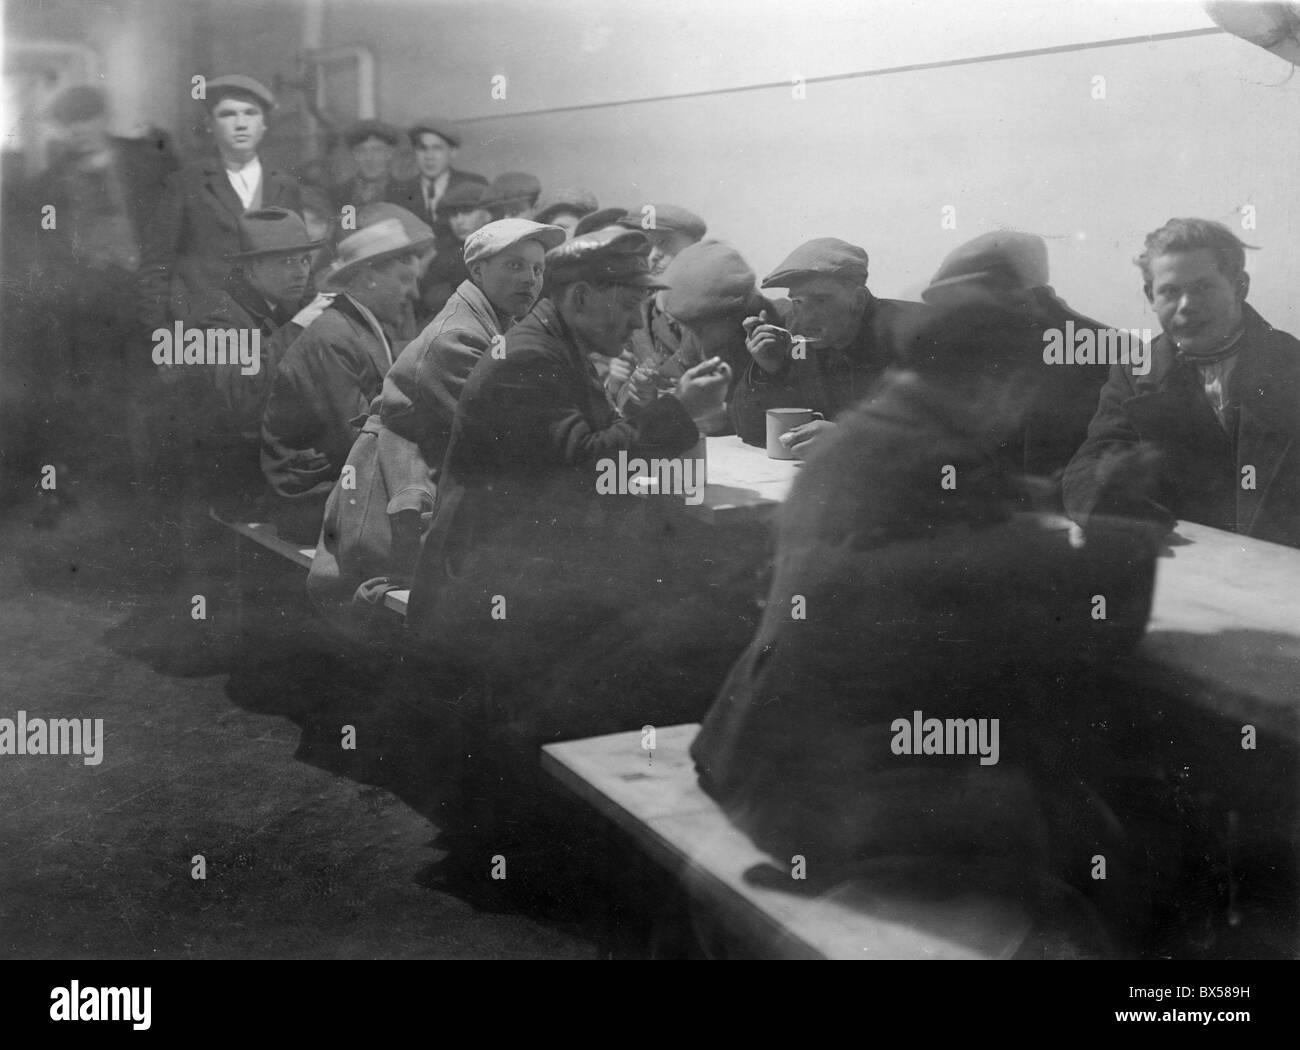 La Cecoslovacchia 1930 la Grande Depressione trasportati oltremare ha portato ad ampia diffusione della povertà Immagini Stock